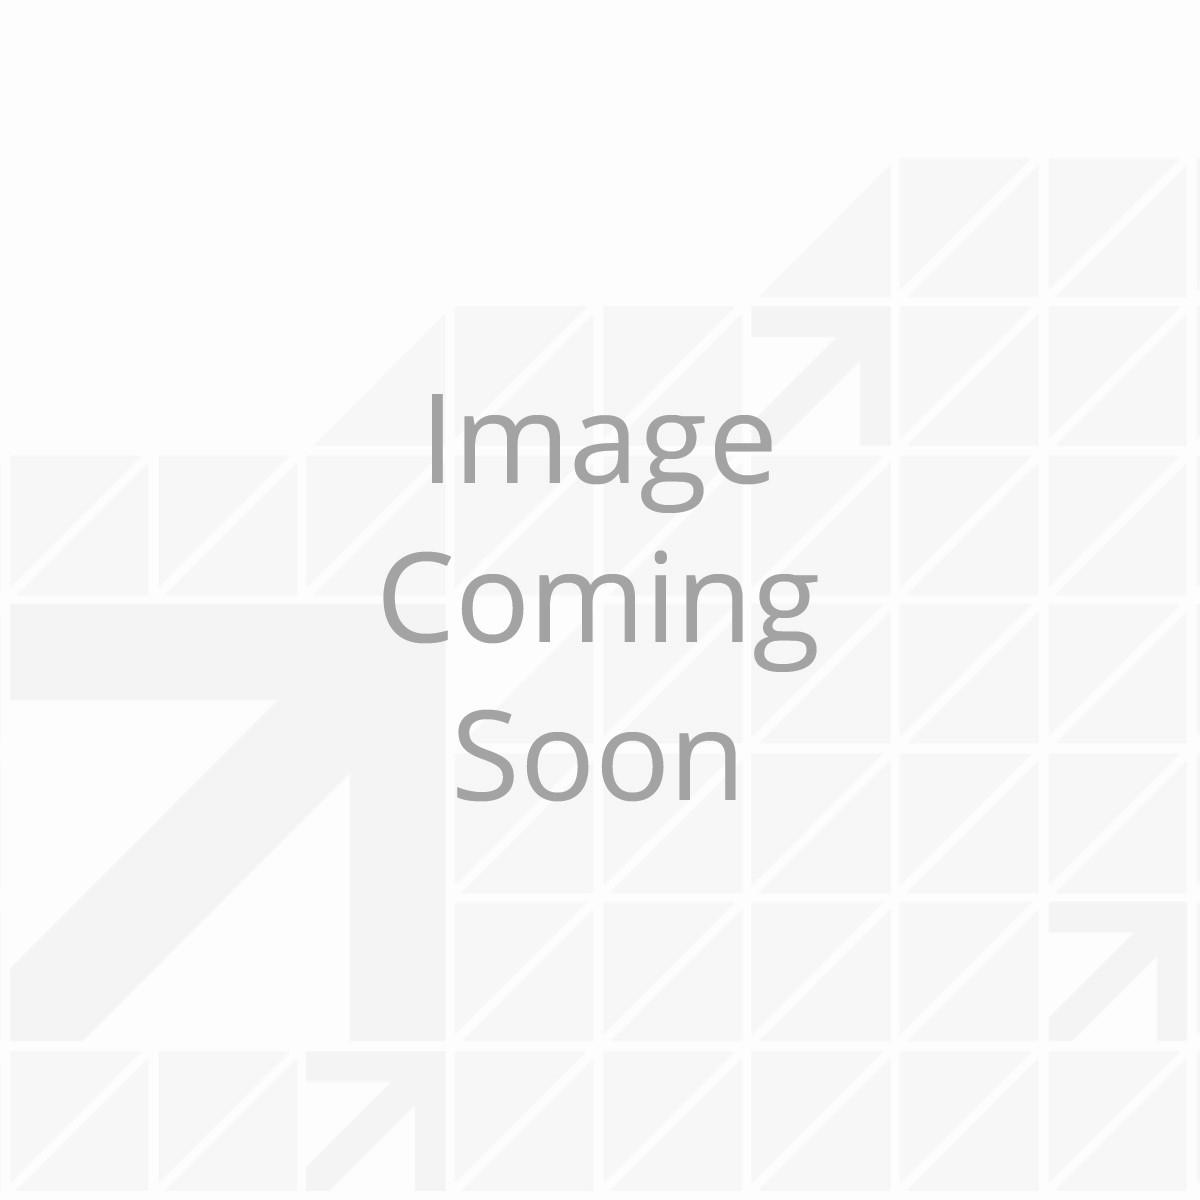 10 cu ft DC Refrigerator, Left Hinge - Black